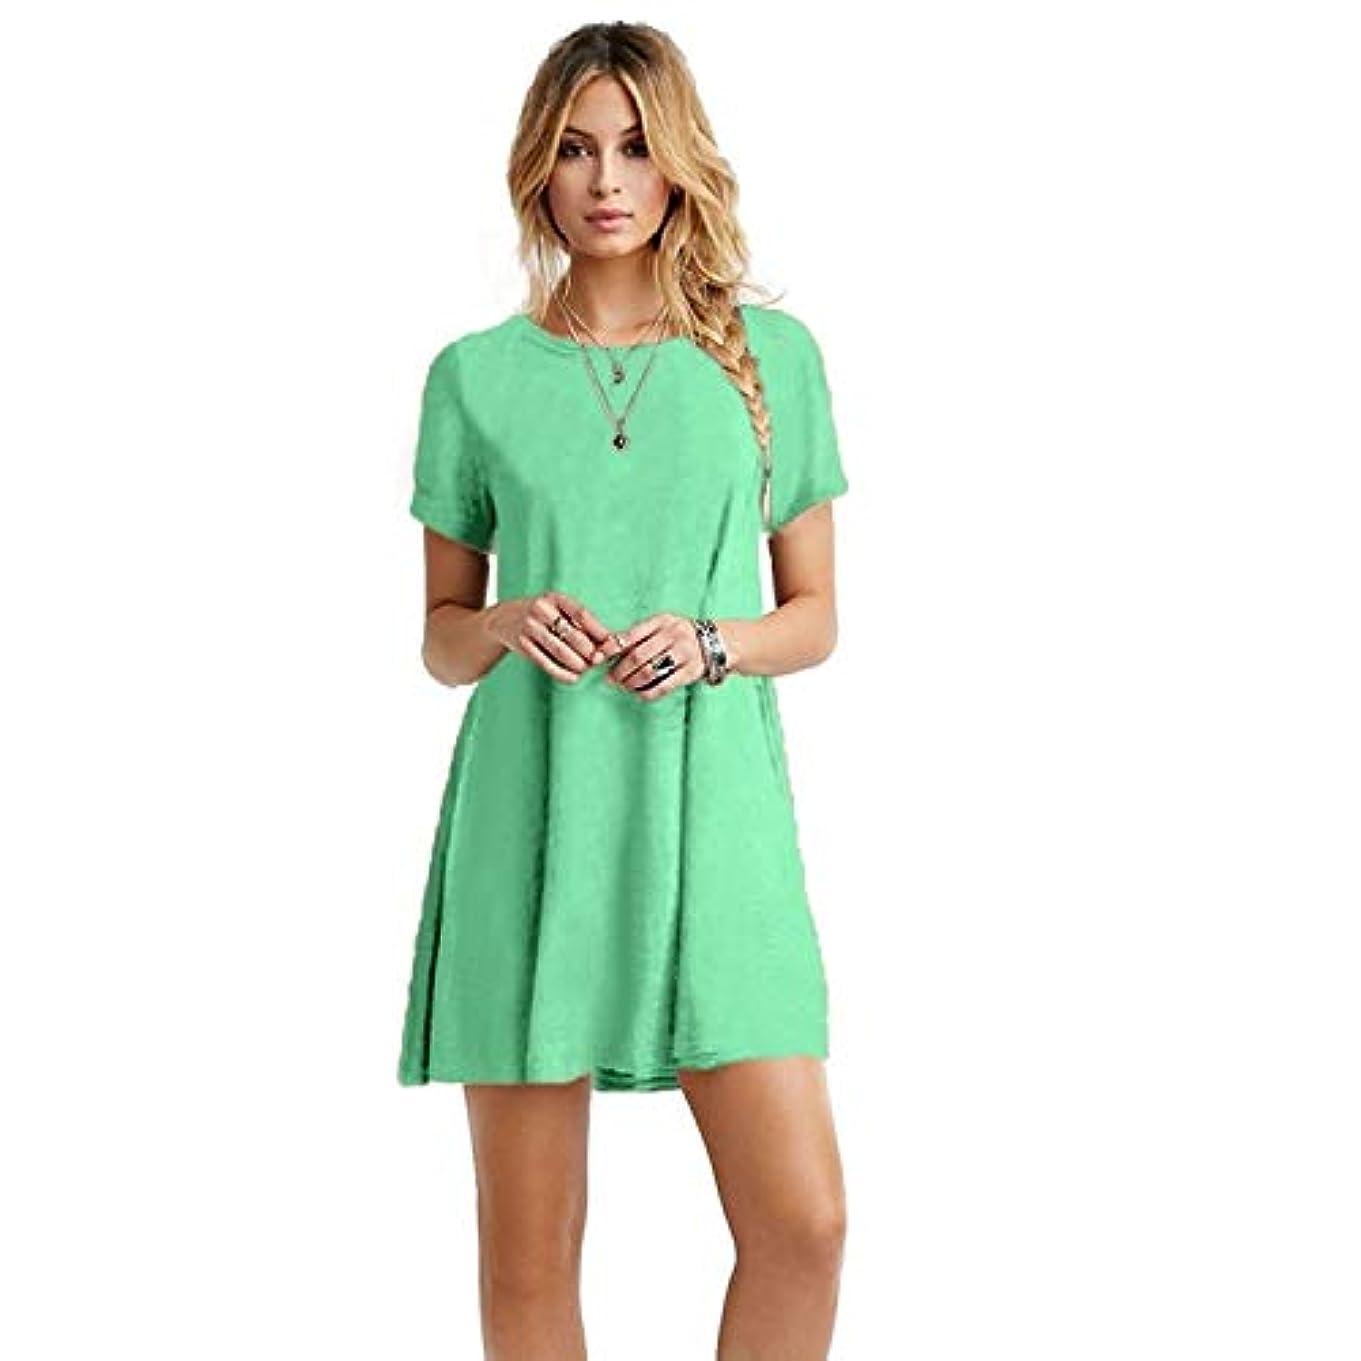 新しさスクラブグレートオークMIFAN女性のファッション、カジュアル、ドレス、シャツ、コットン、半袖、無地、ミニ、ビーチドレス、プラスサイズのドレス